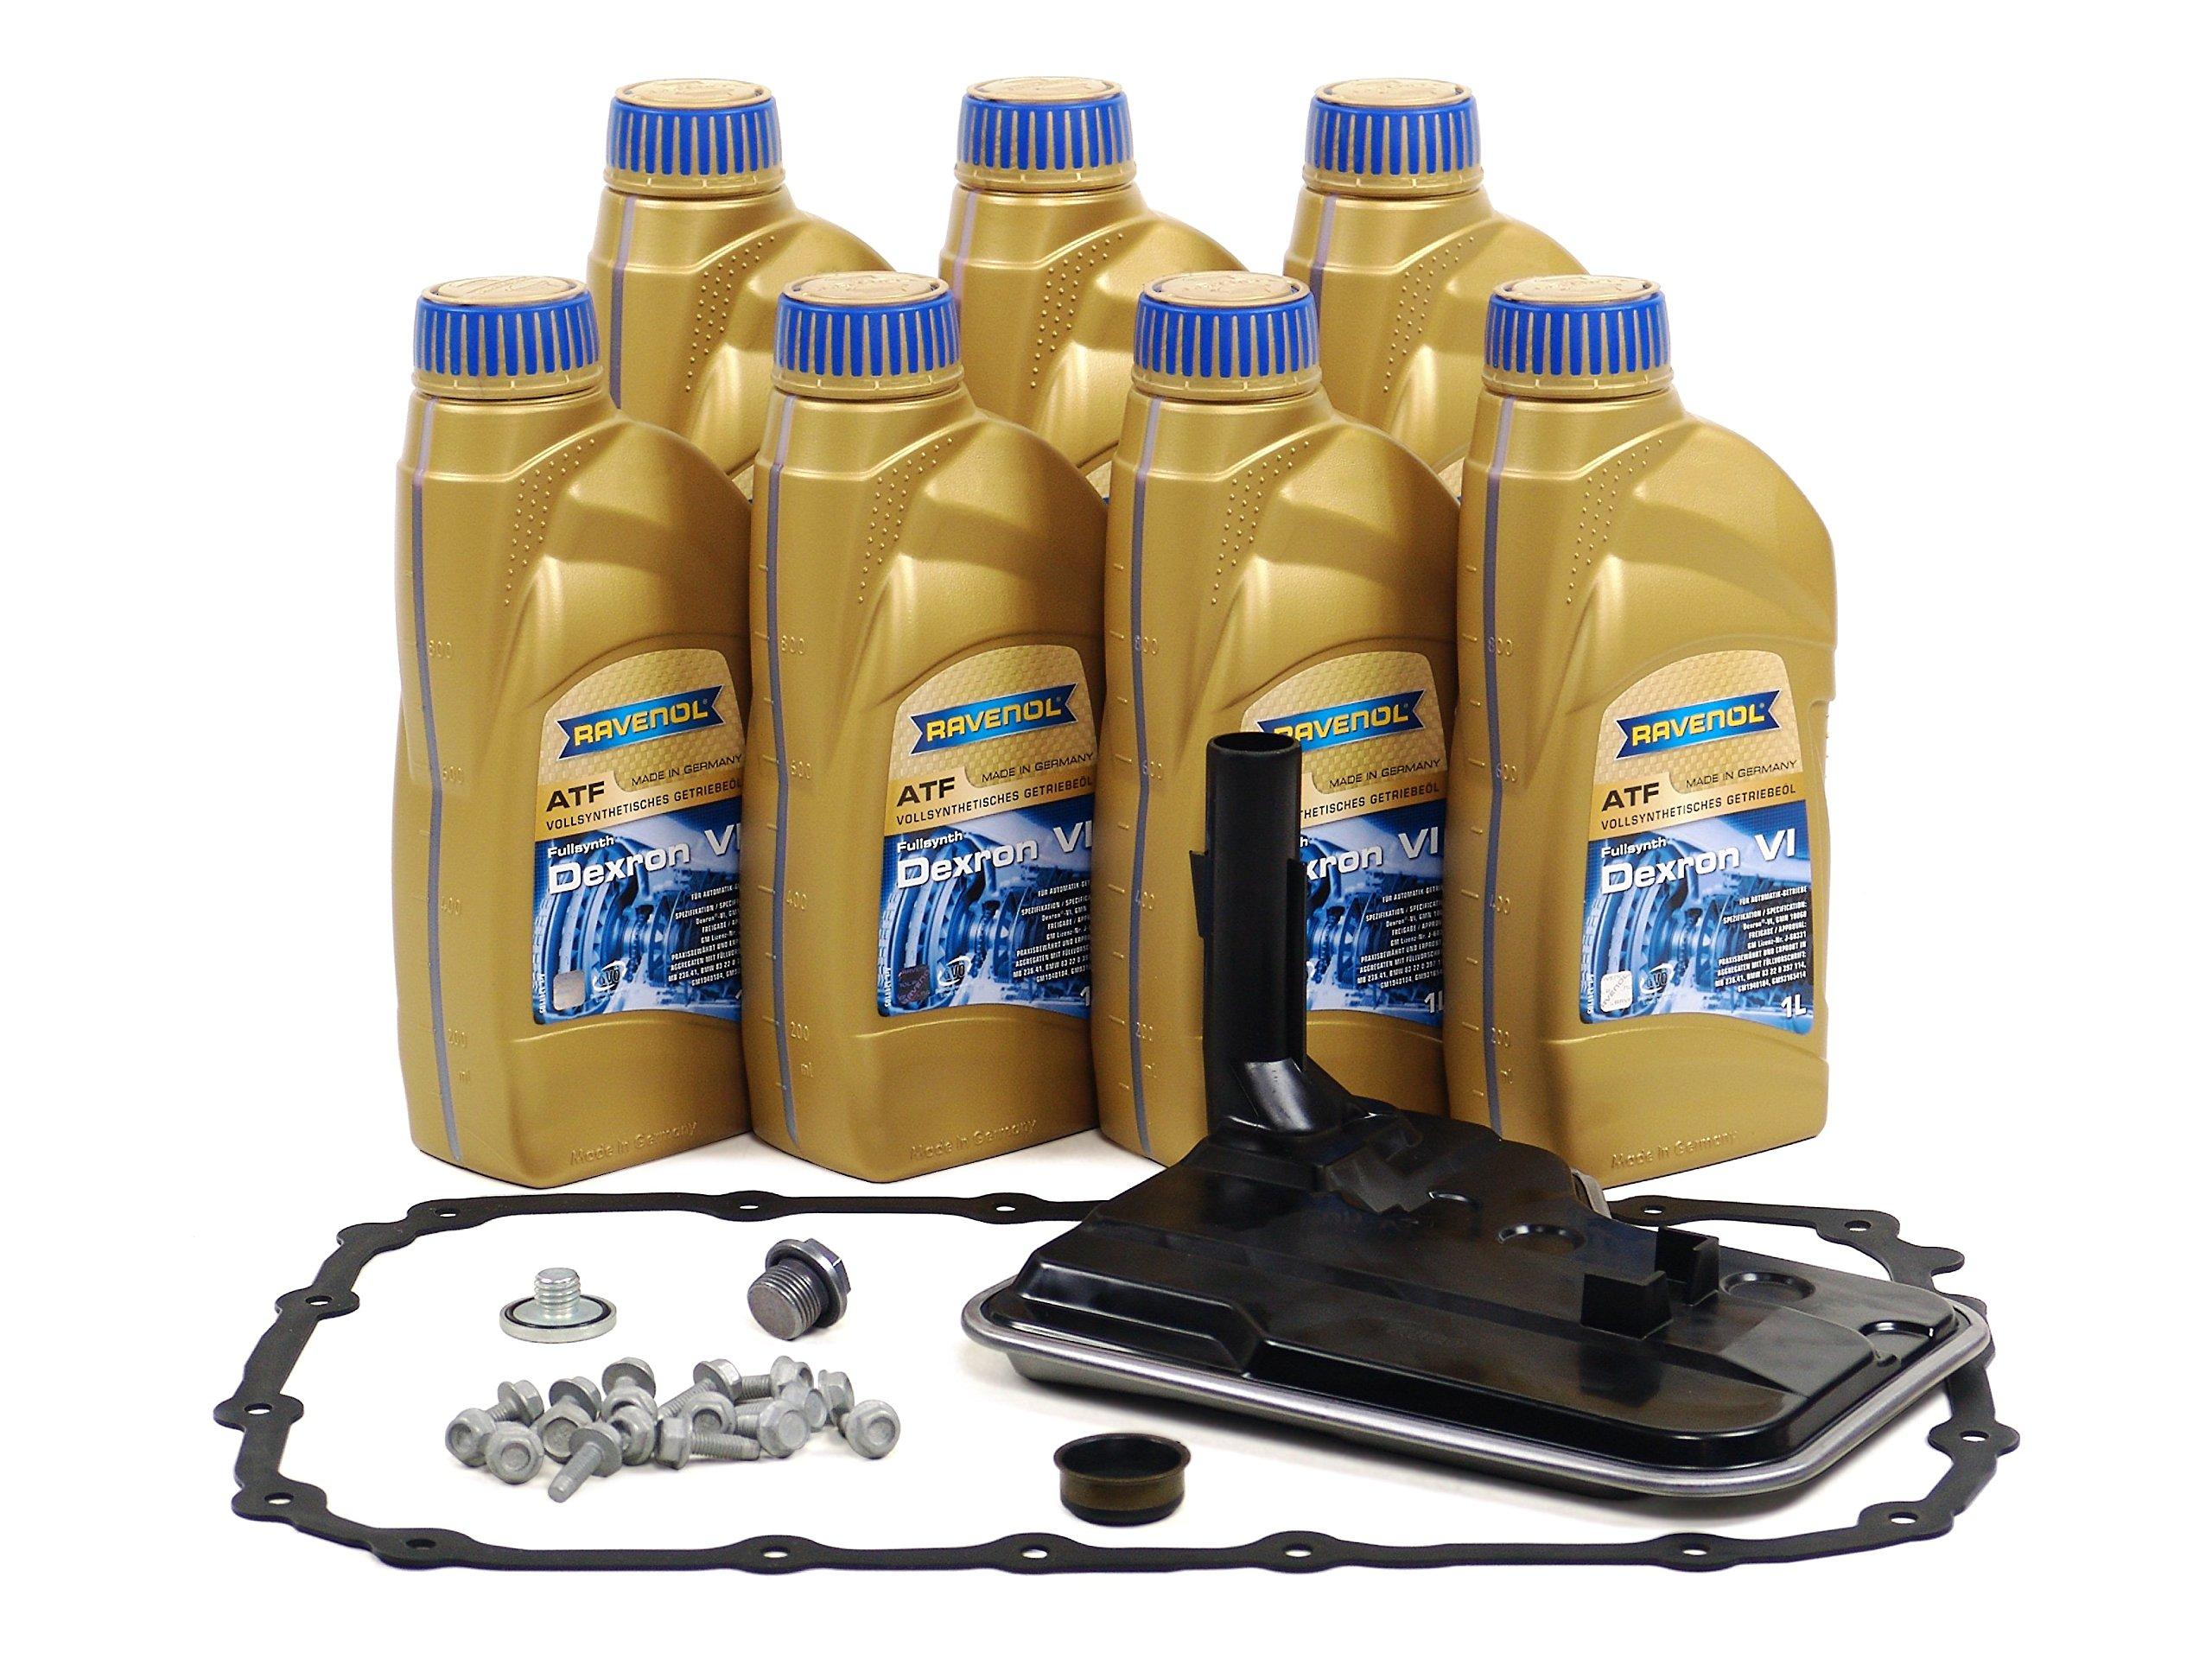 BLAU F2A1333-C BMW X3 ATF Automatic Transmission Fluid Filter Kit - E83 - 2007-10 w/ 6 Speed Automatic GA6L45R